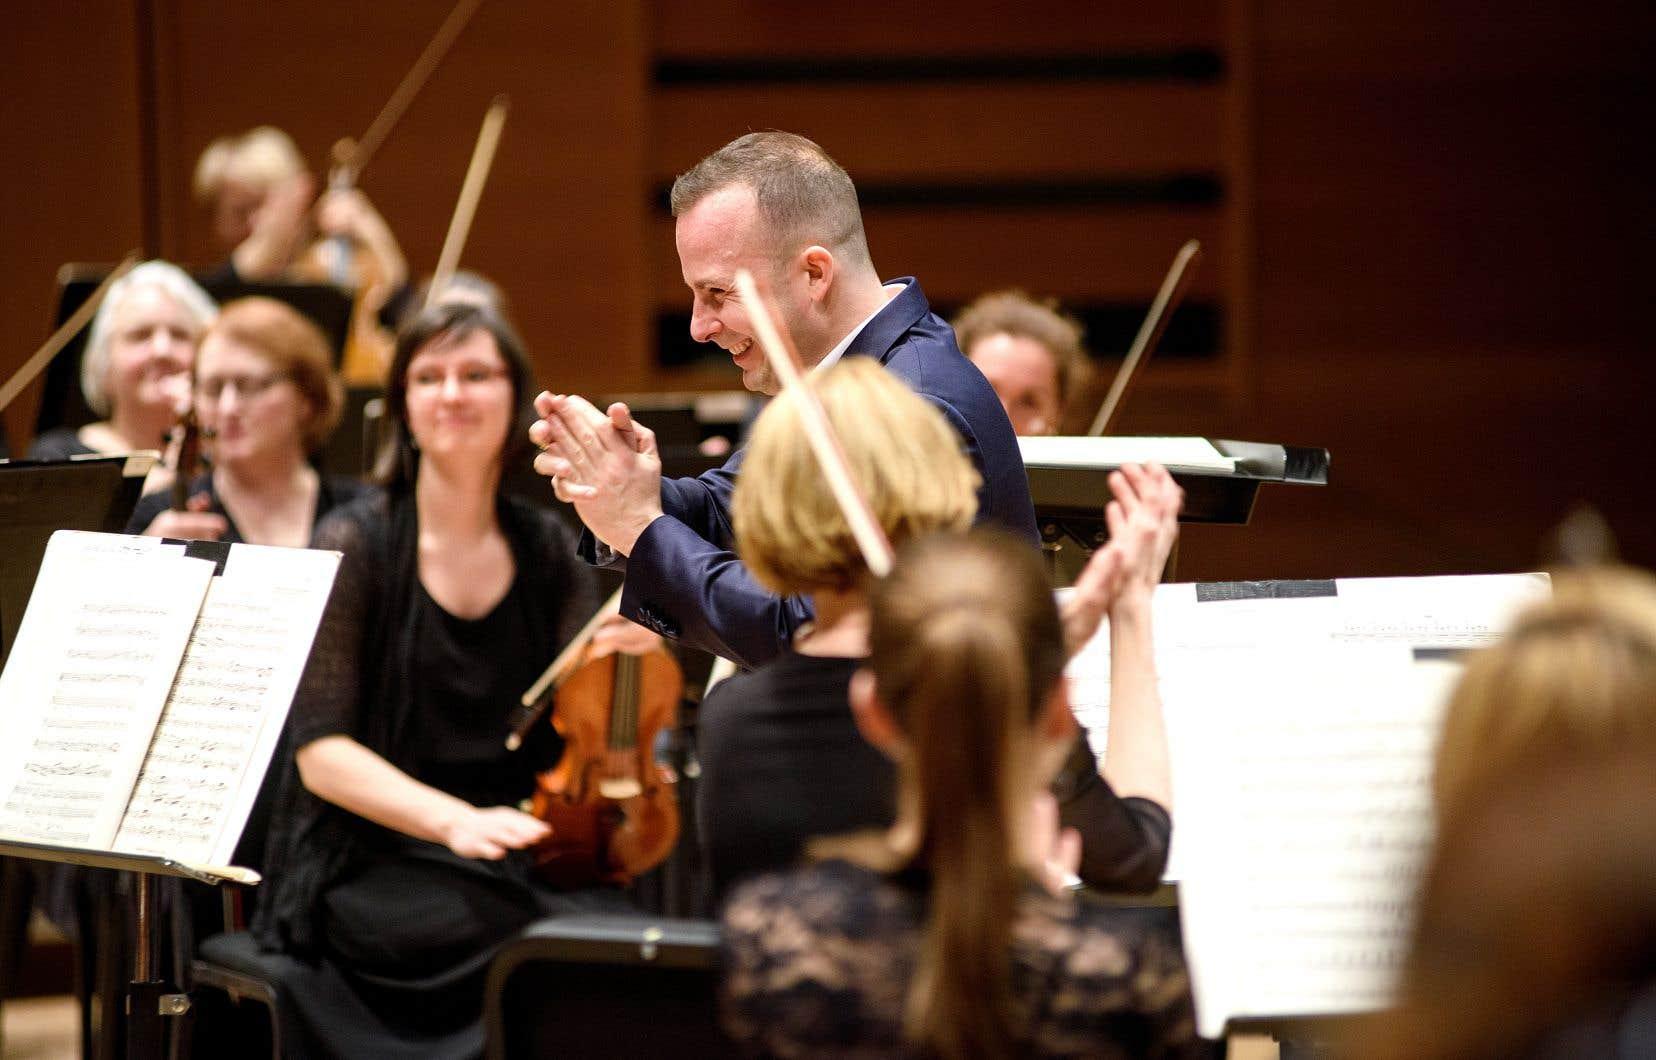 Le chef Yannick Nézet-Séguin et les musiciens de l'Orchestre Métropolitain prendront leur place au parterre, où une cinquantaine de personnes pourront se réunir.